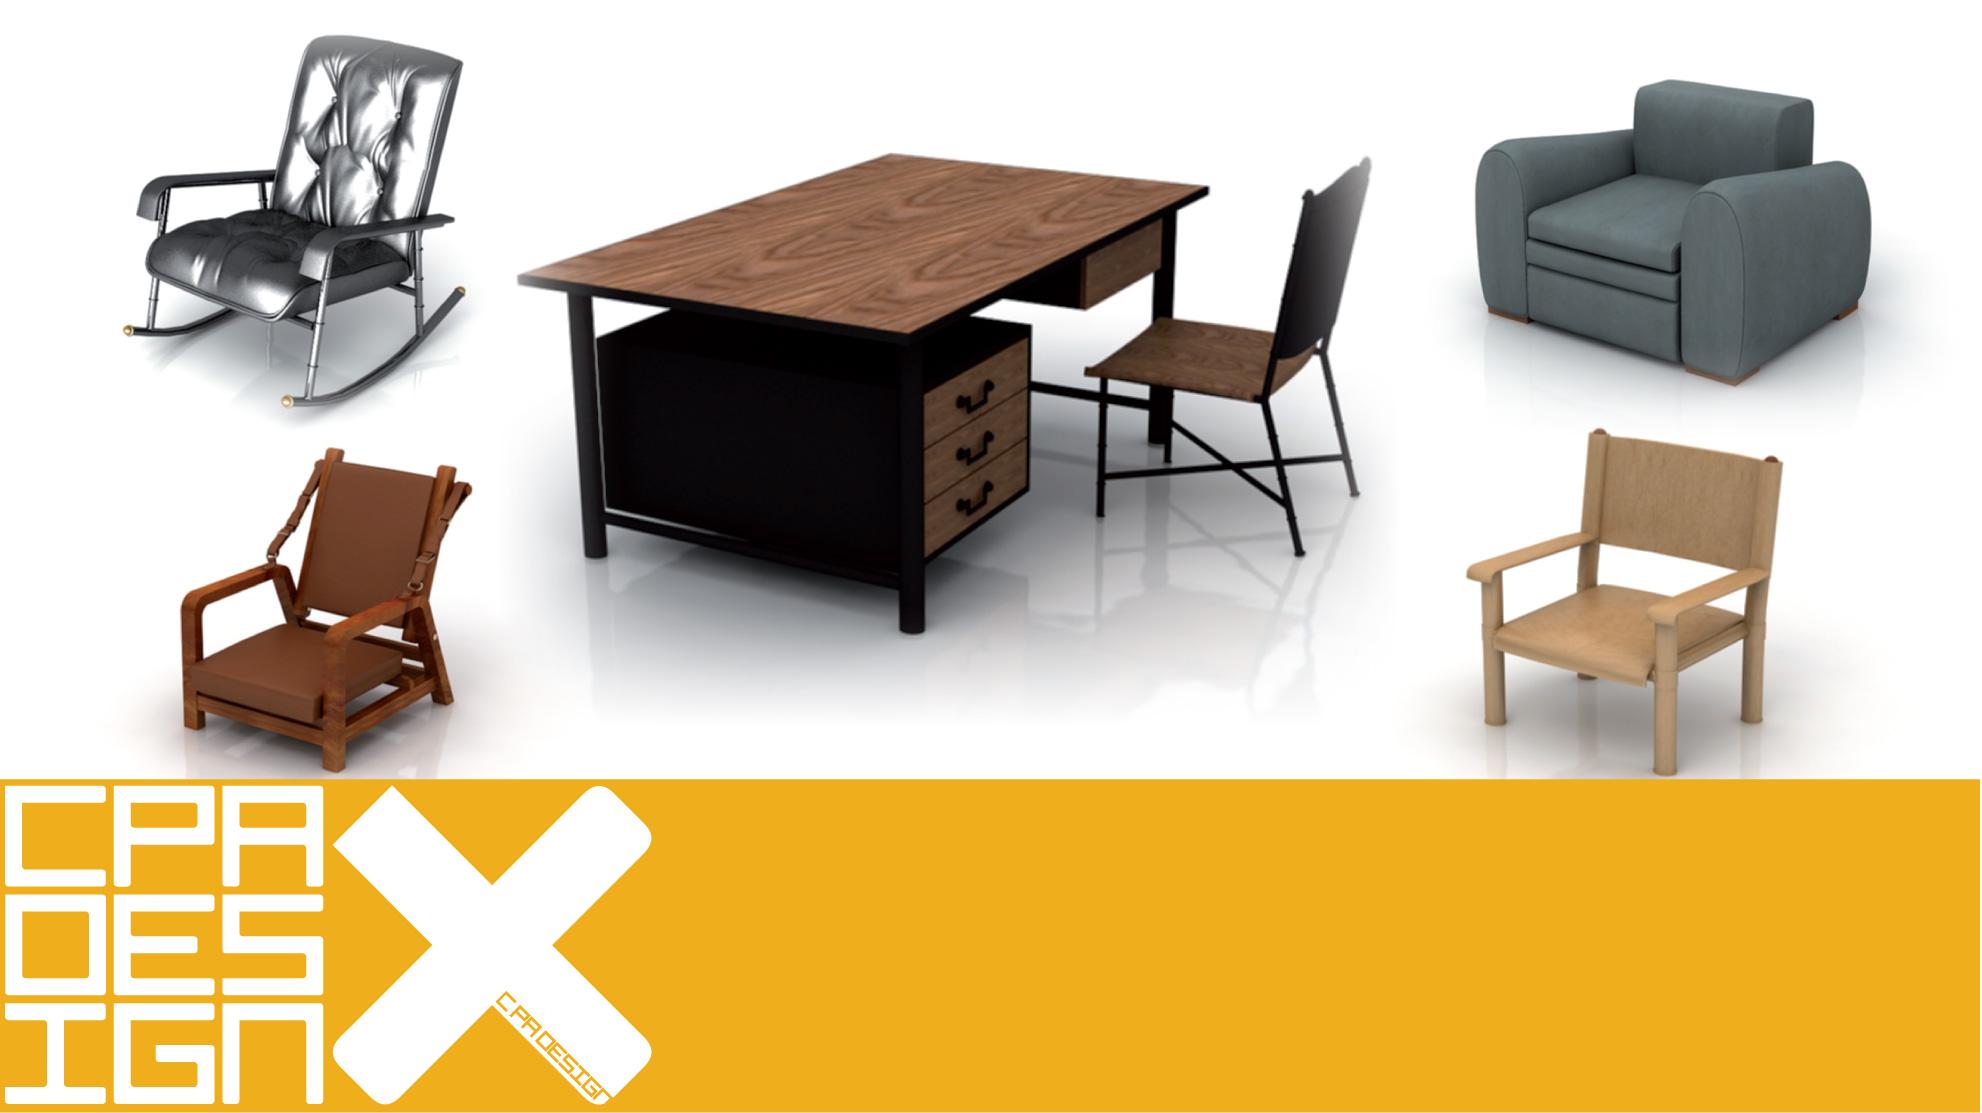 c_pa_design_produit_design-llustration-reproduction-modélisation-3d